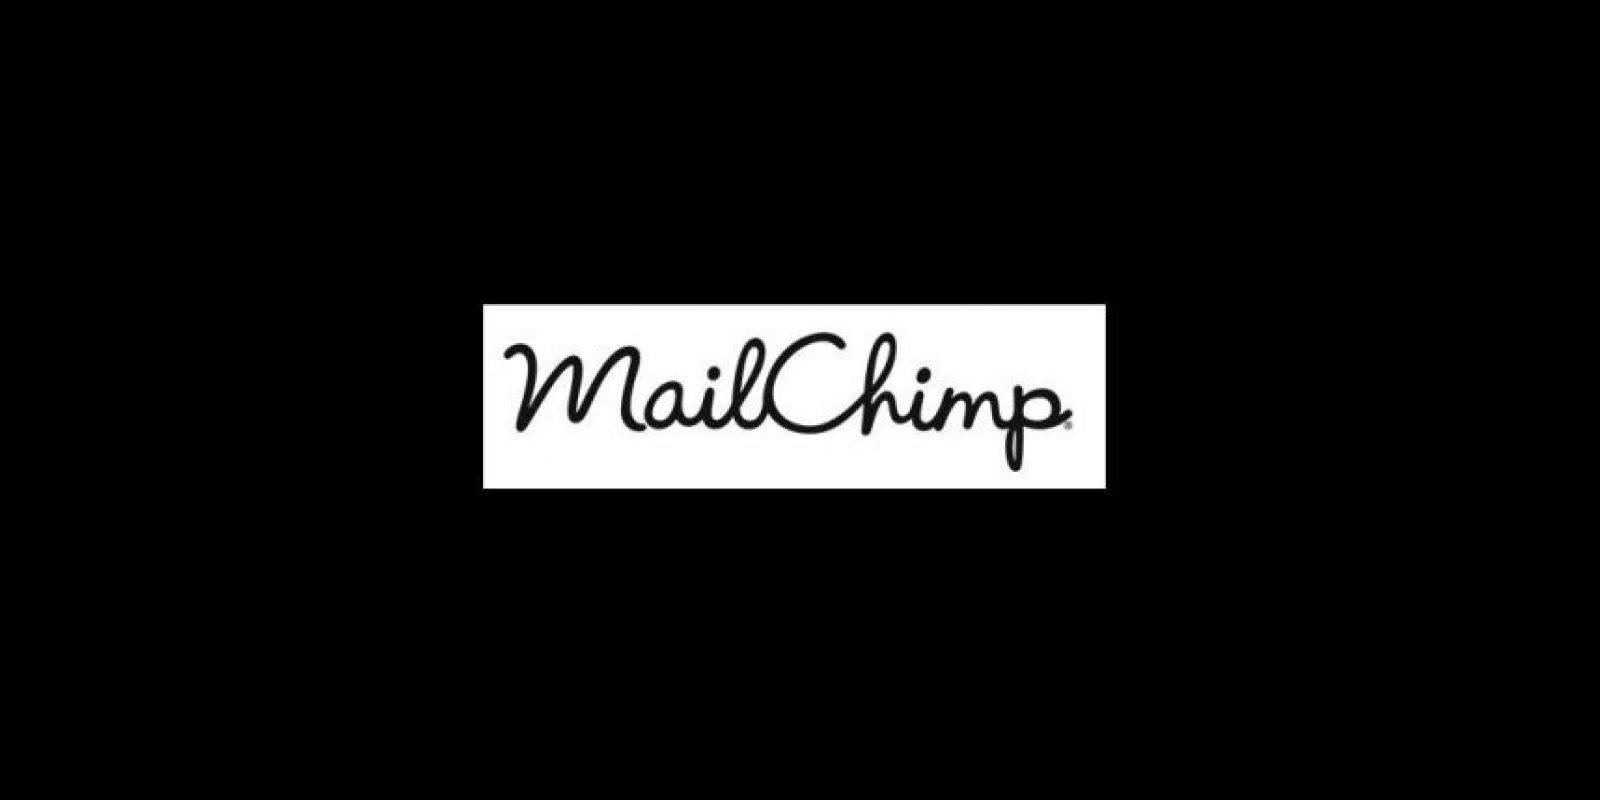 Este es el logo original de MailChimp, el servicio de correo electrónico enfocado en los diseñadores Foto:MailChimp